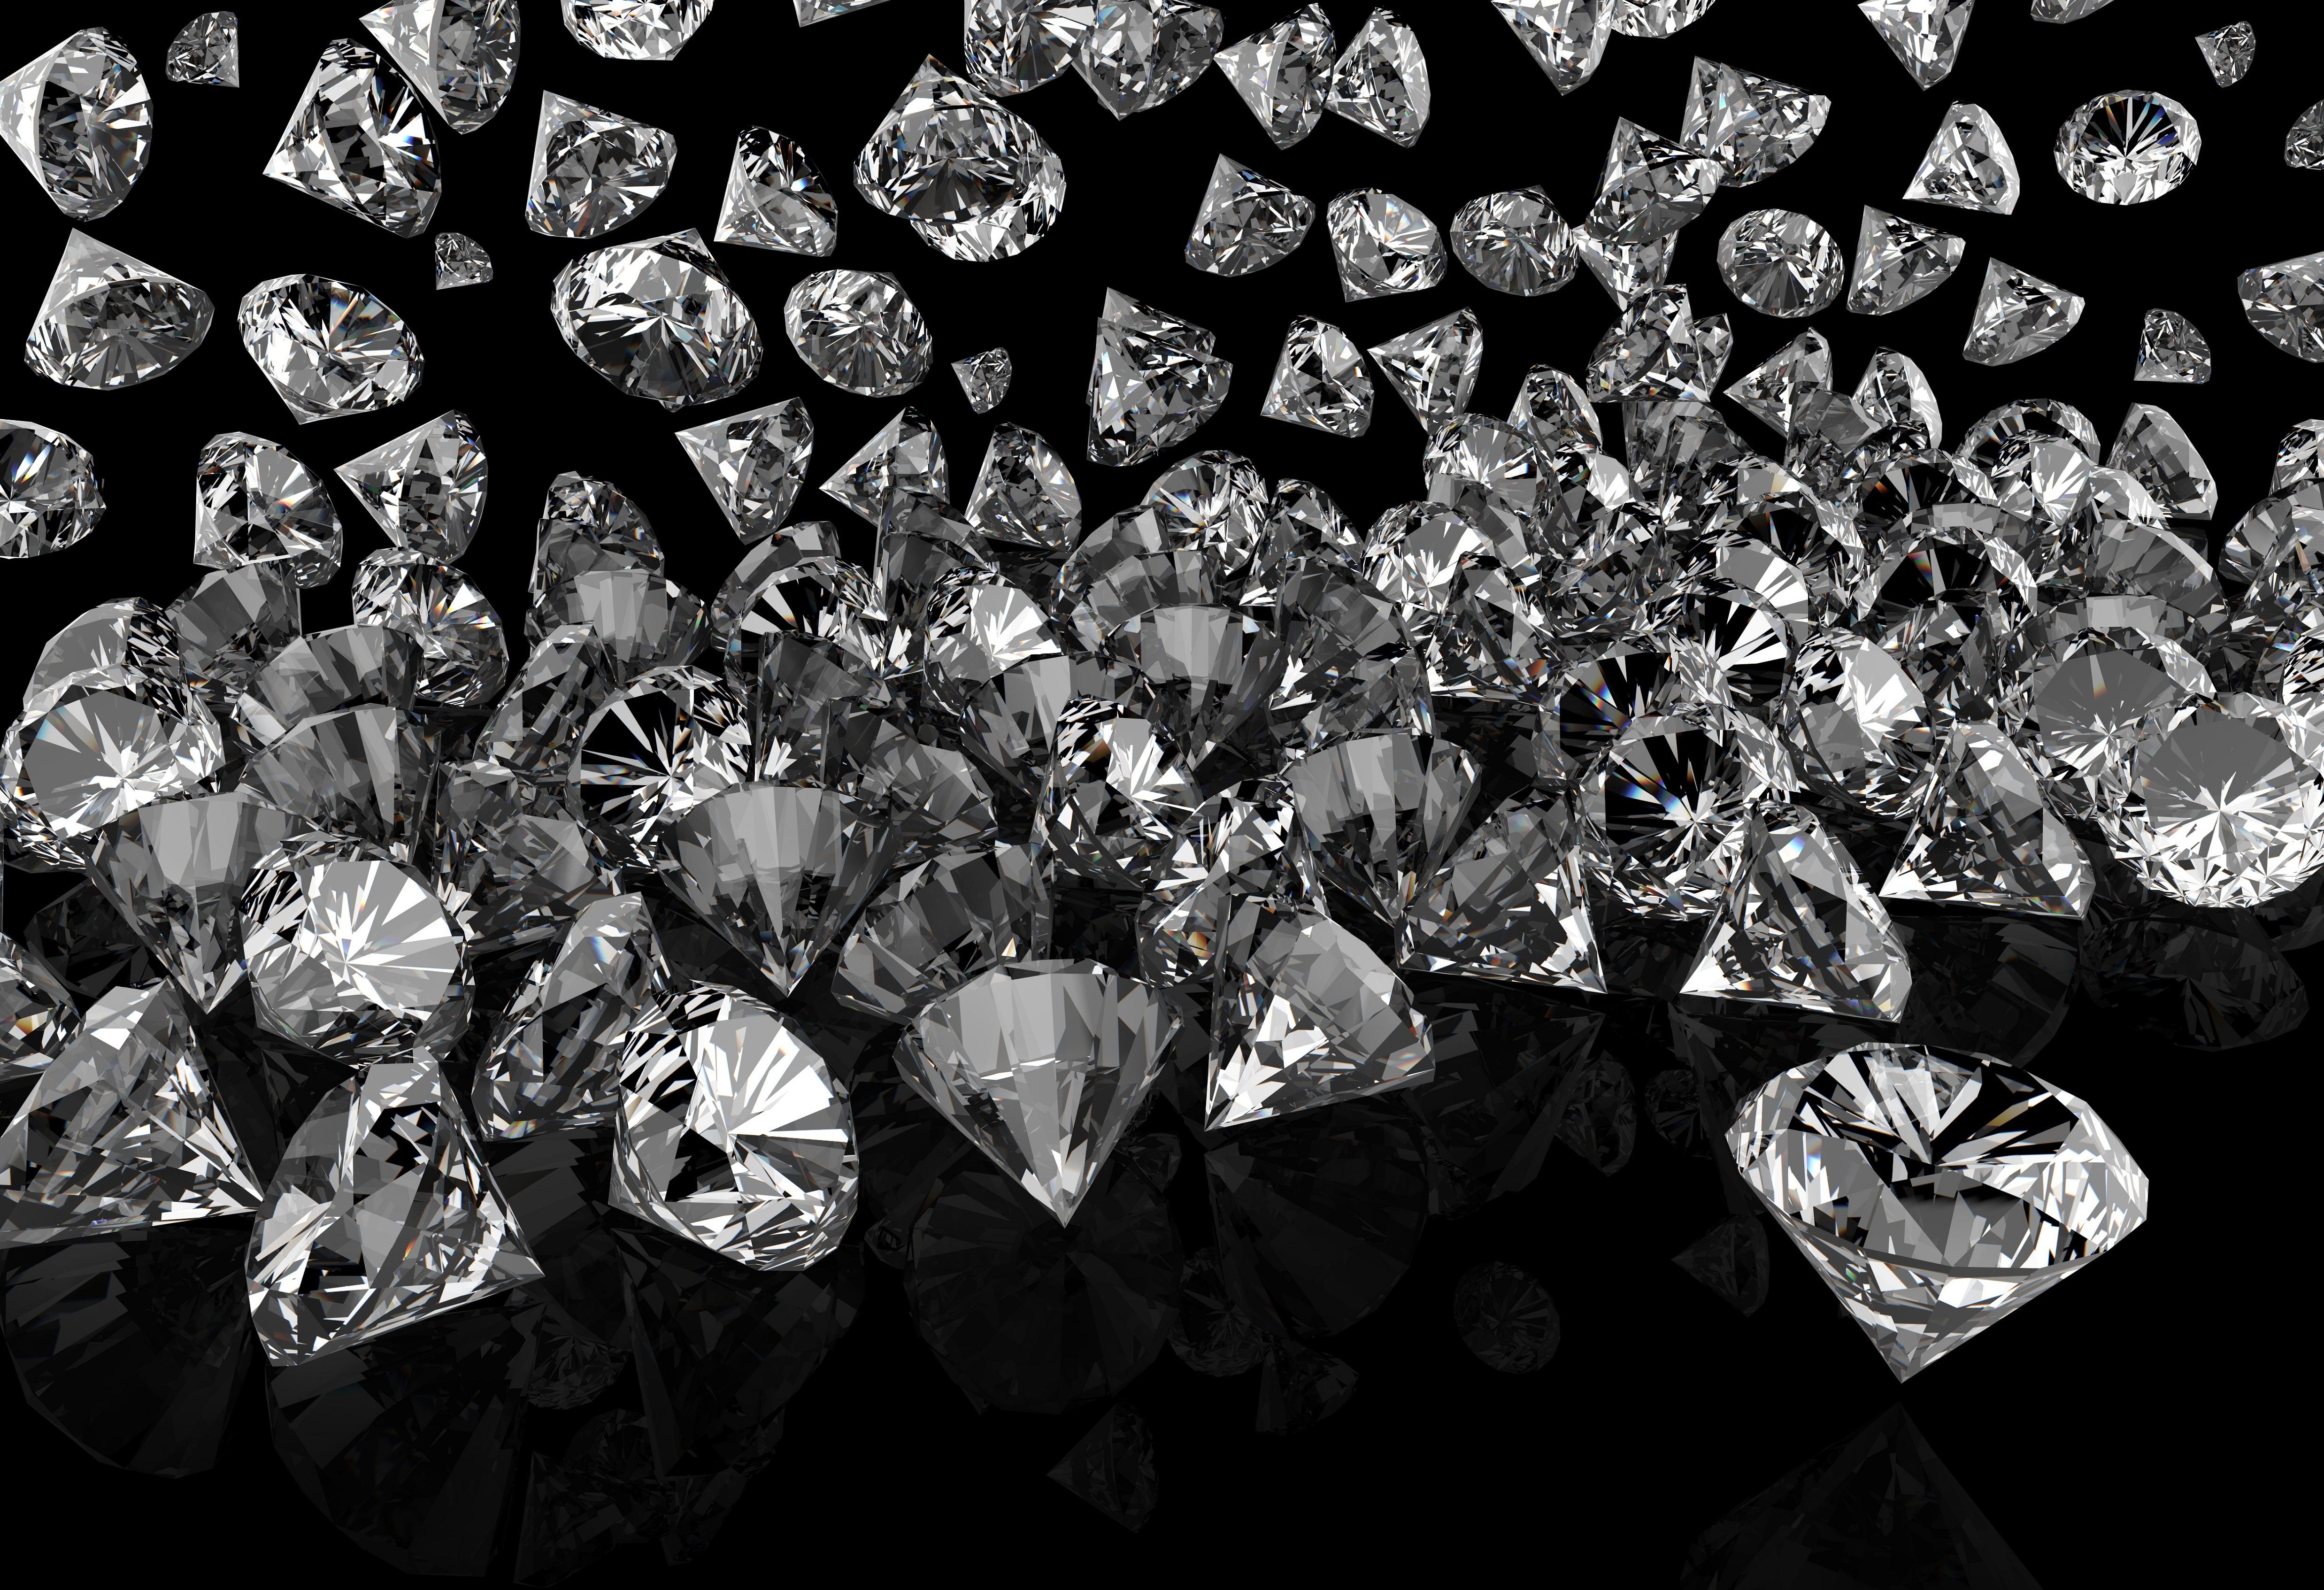 нарезать обои бриллианты картинки узнать, где